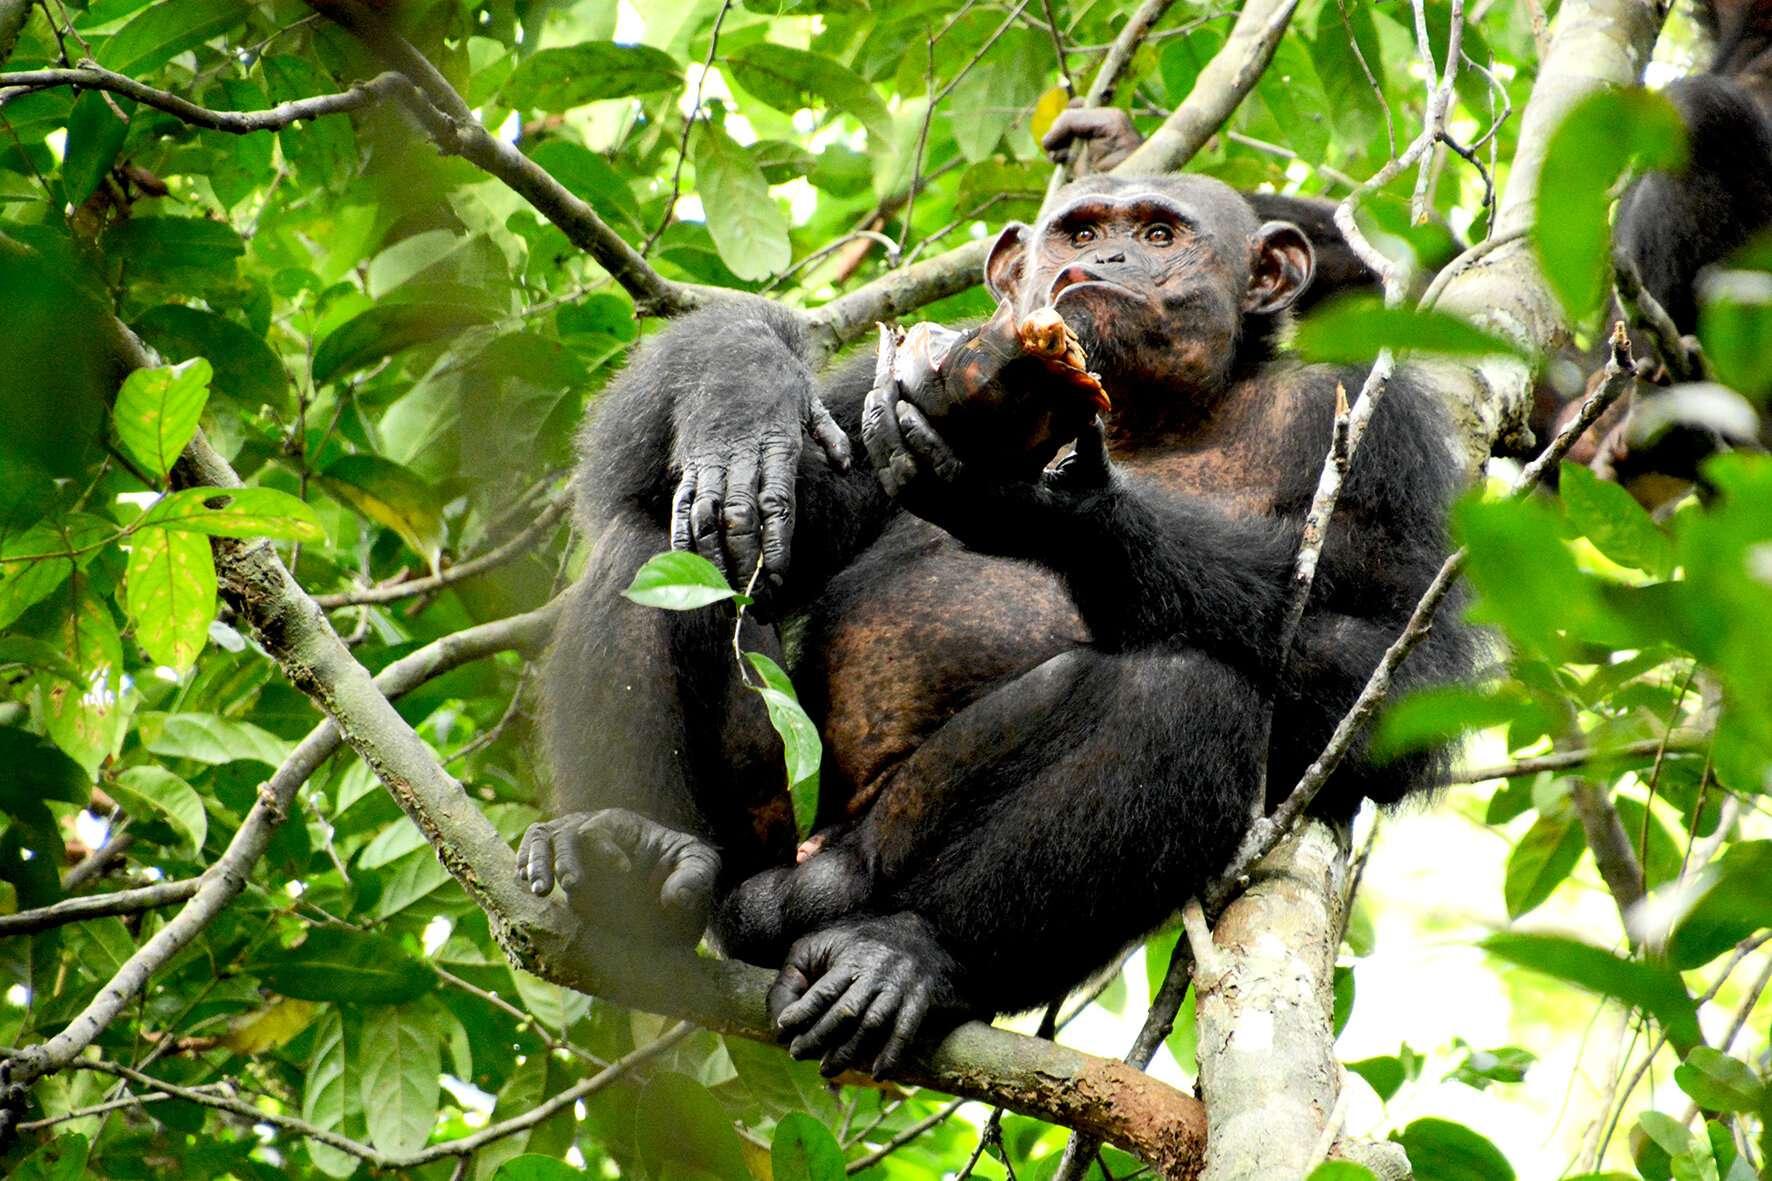 Un chimpanzé du parc national de Loango au Gabon déguste une tortue qu'il vient d'attraper. © Erwan Théleste